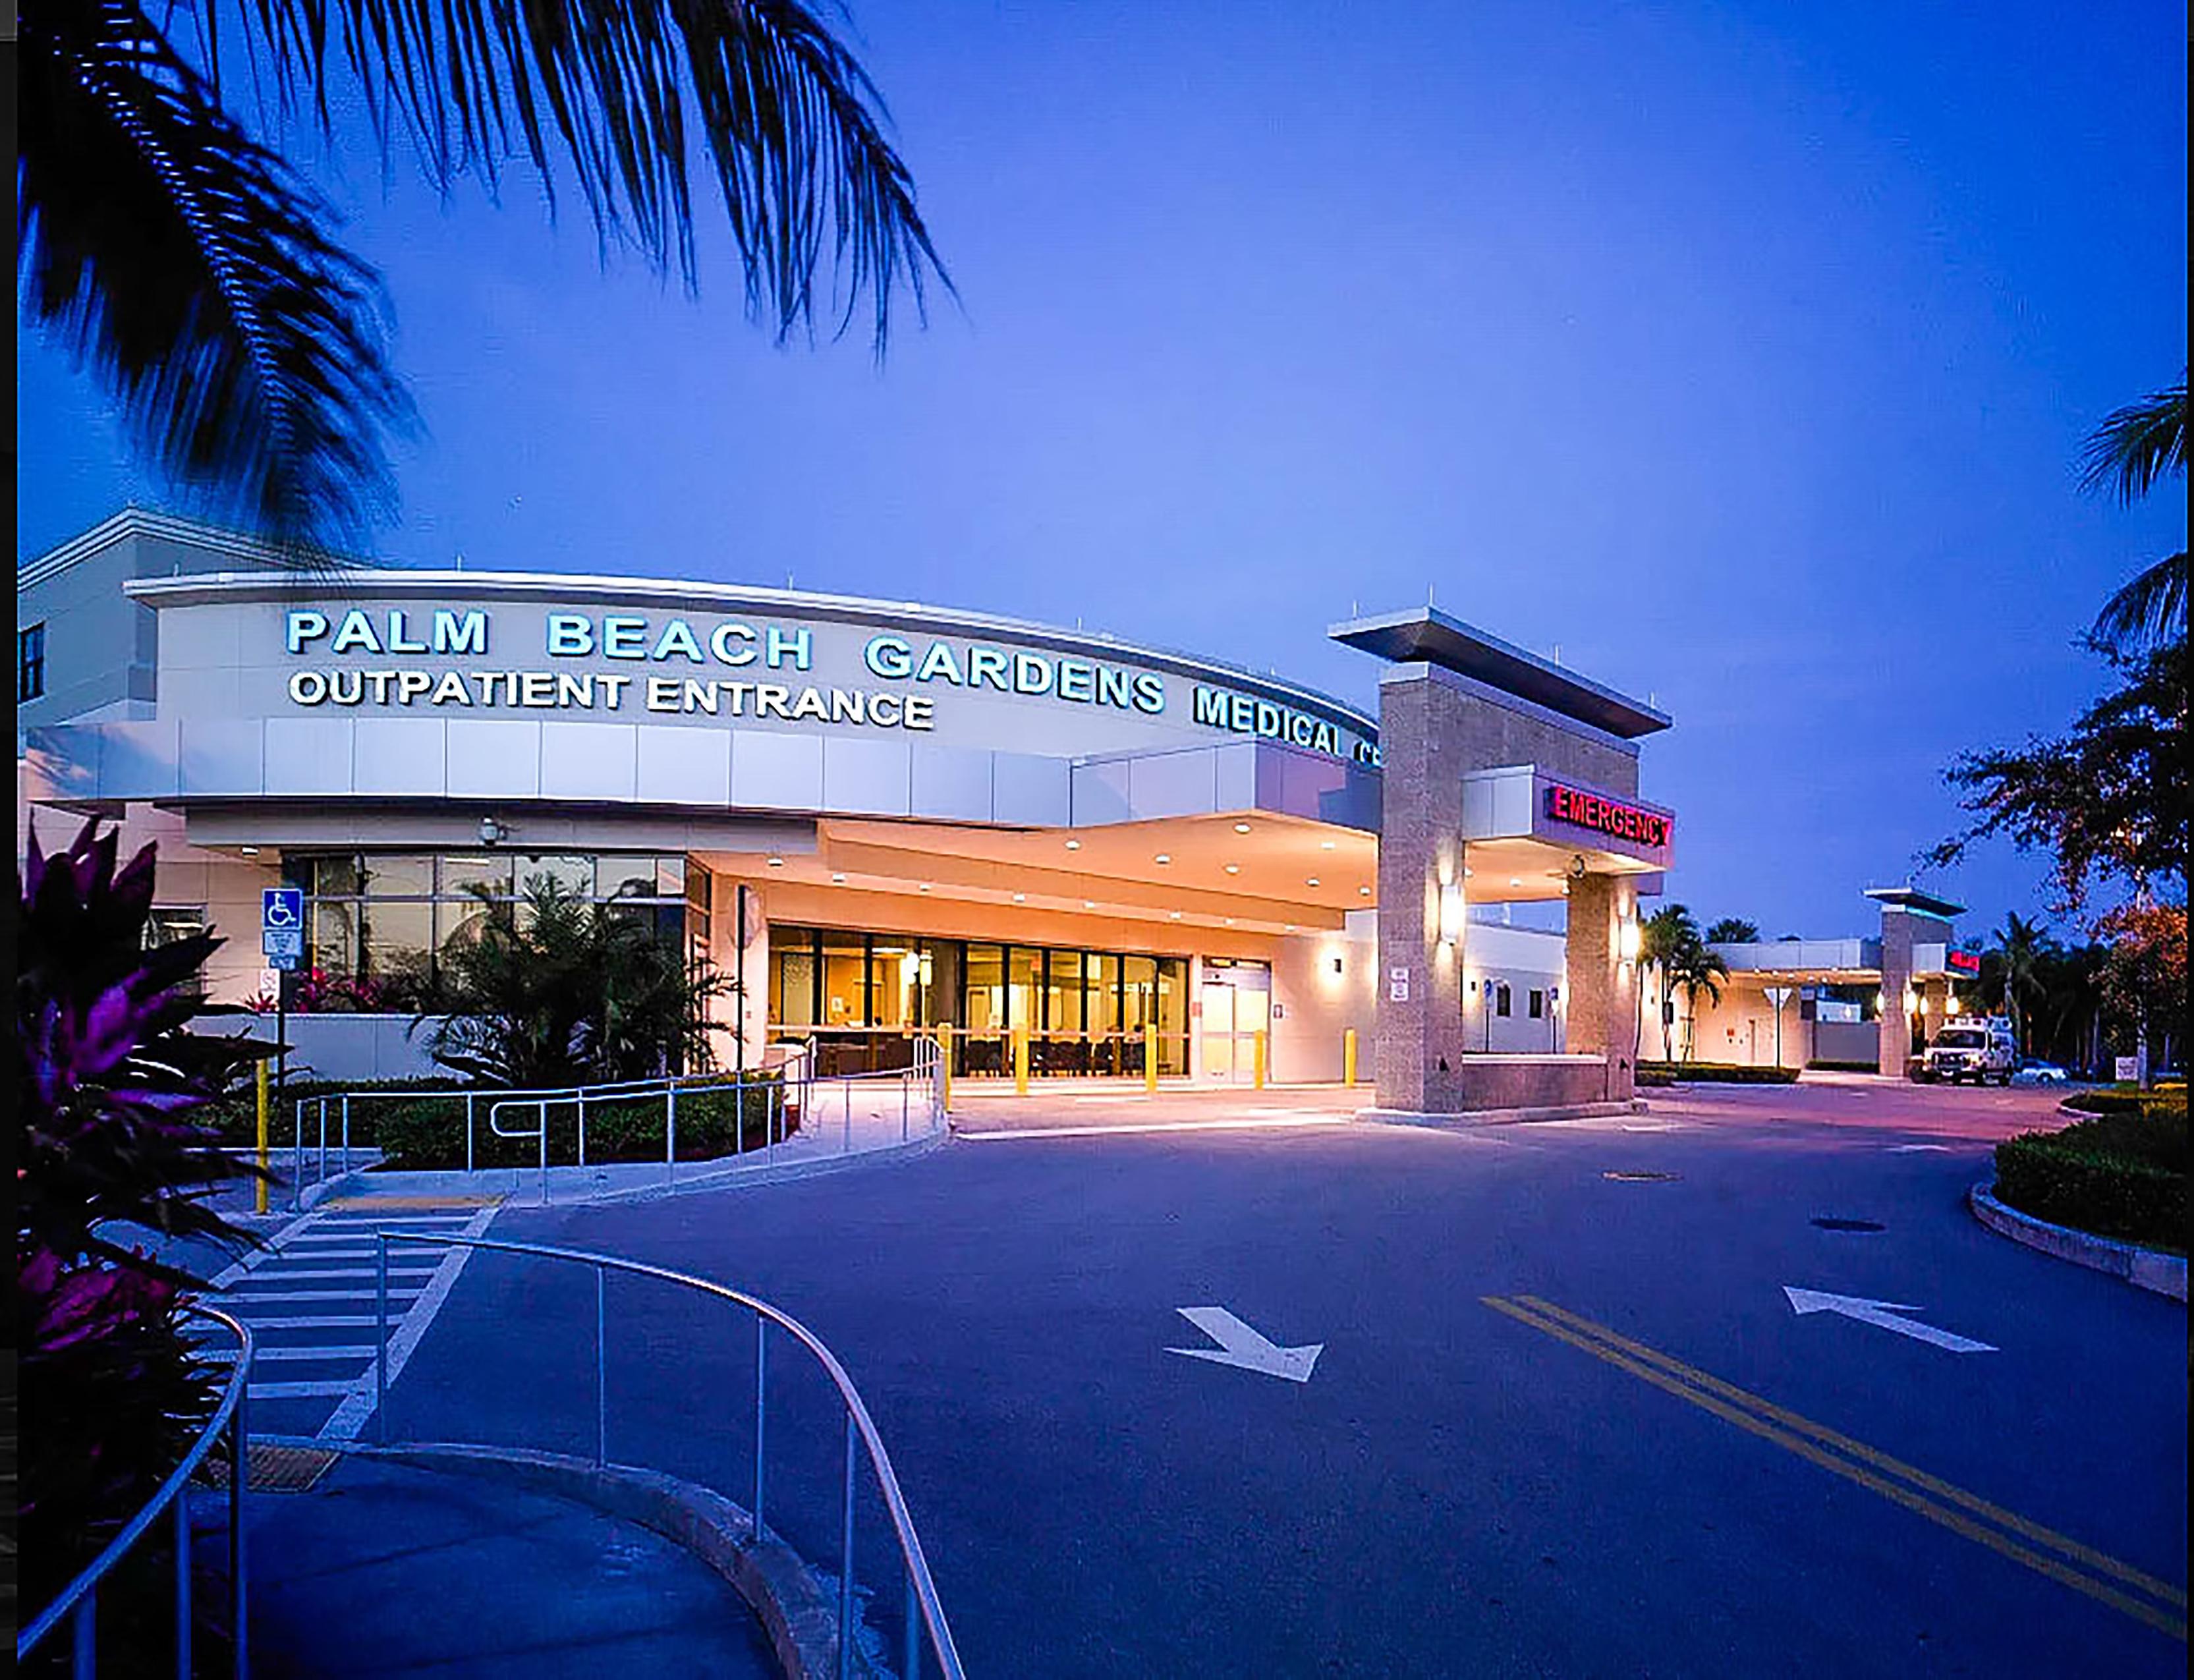 palmbeachgardensmedicalcenter